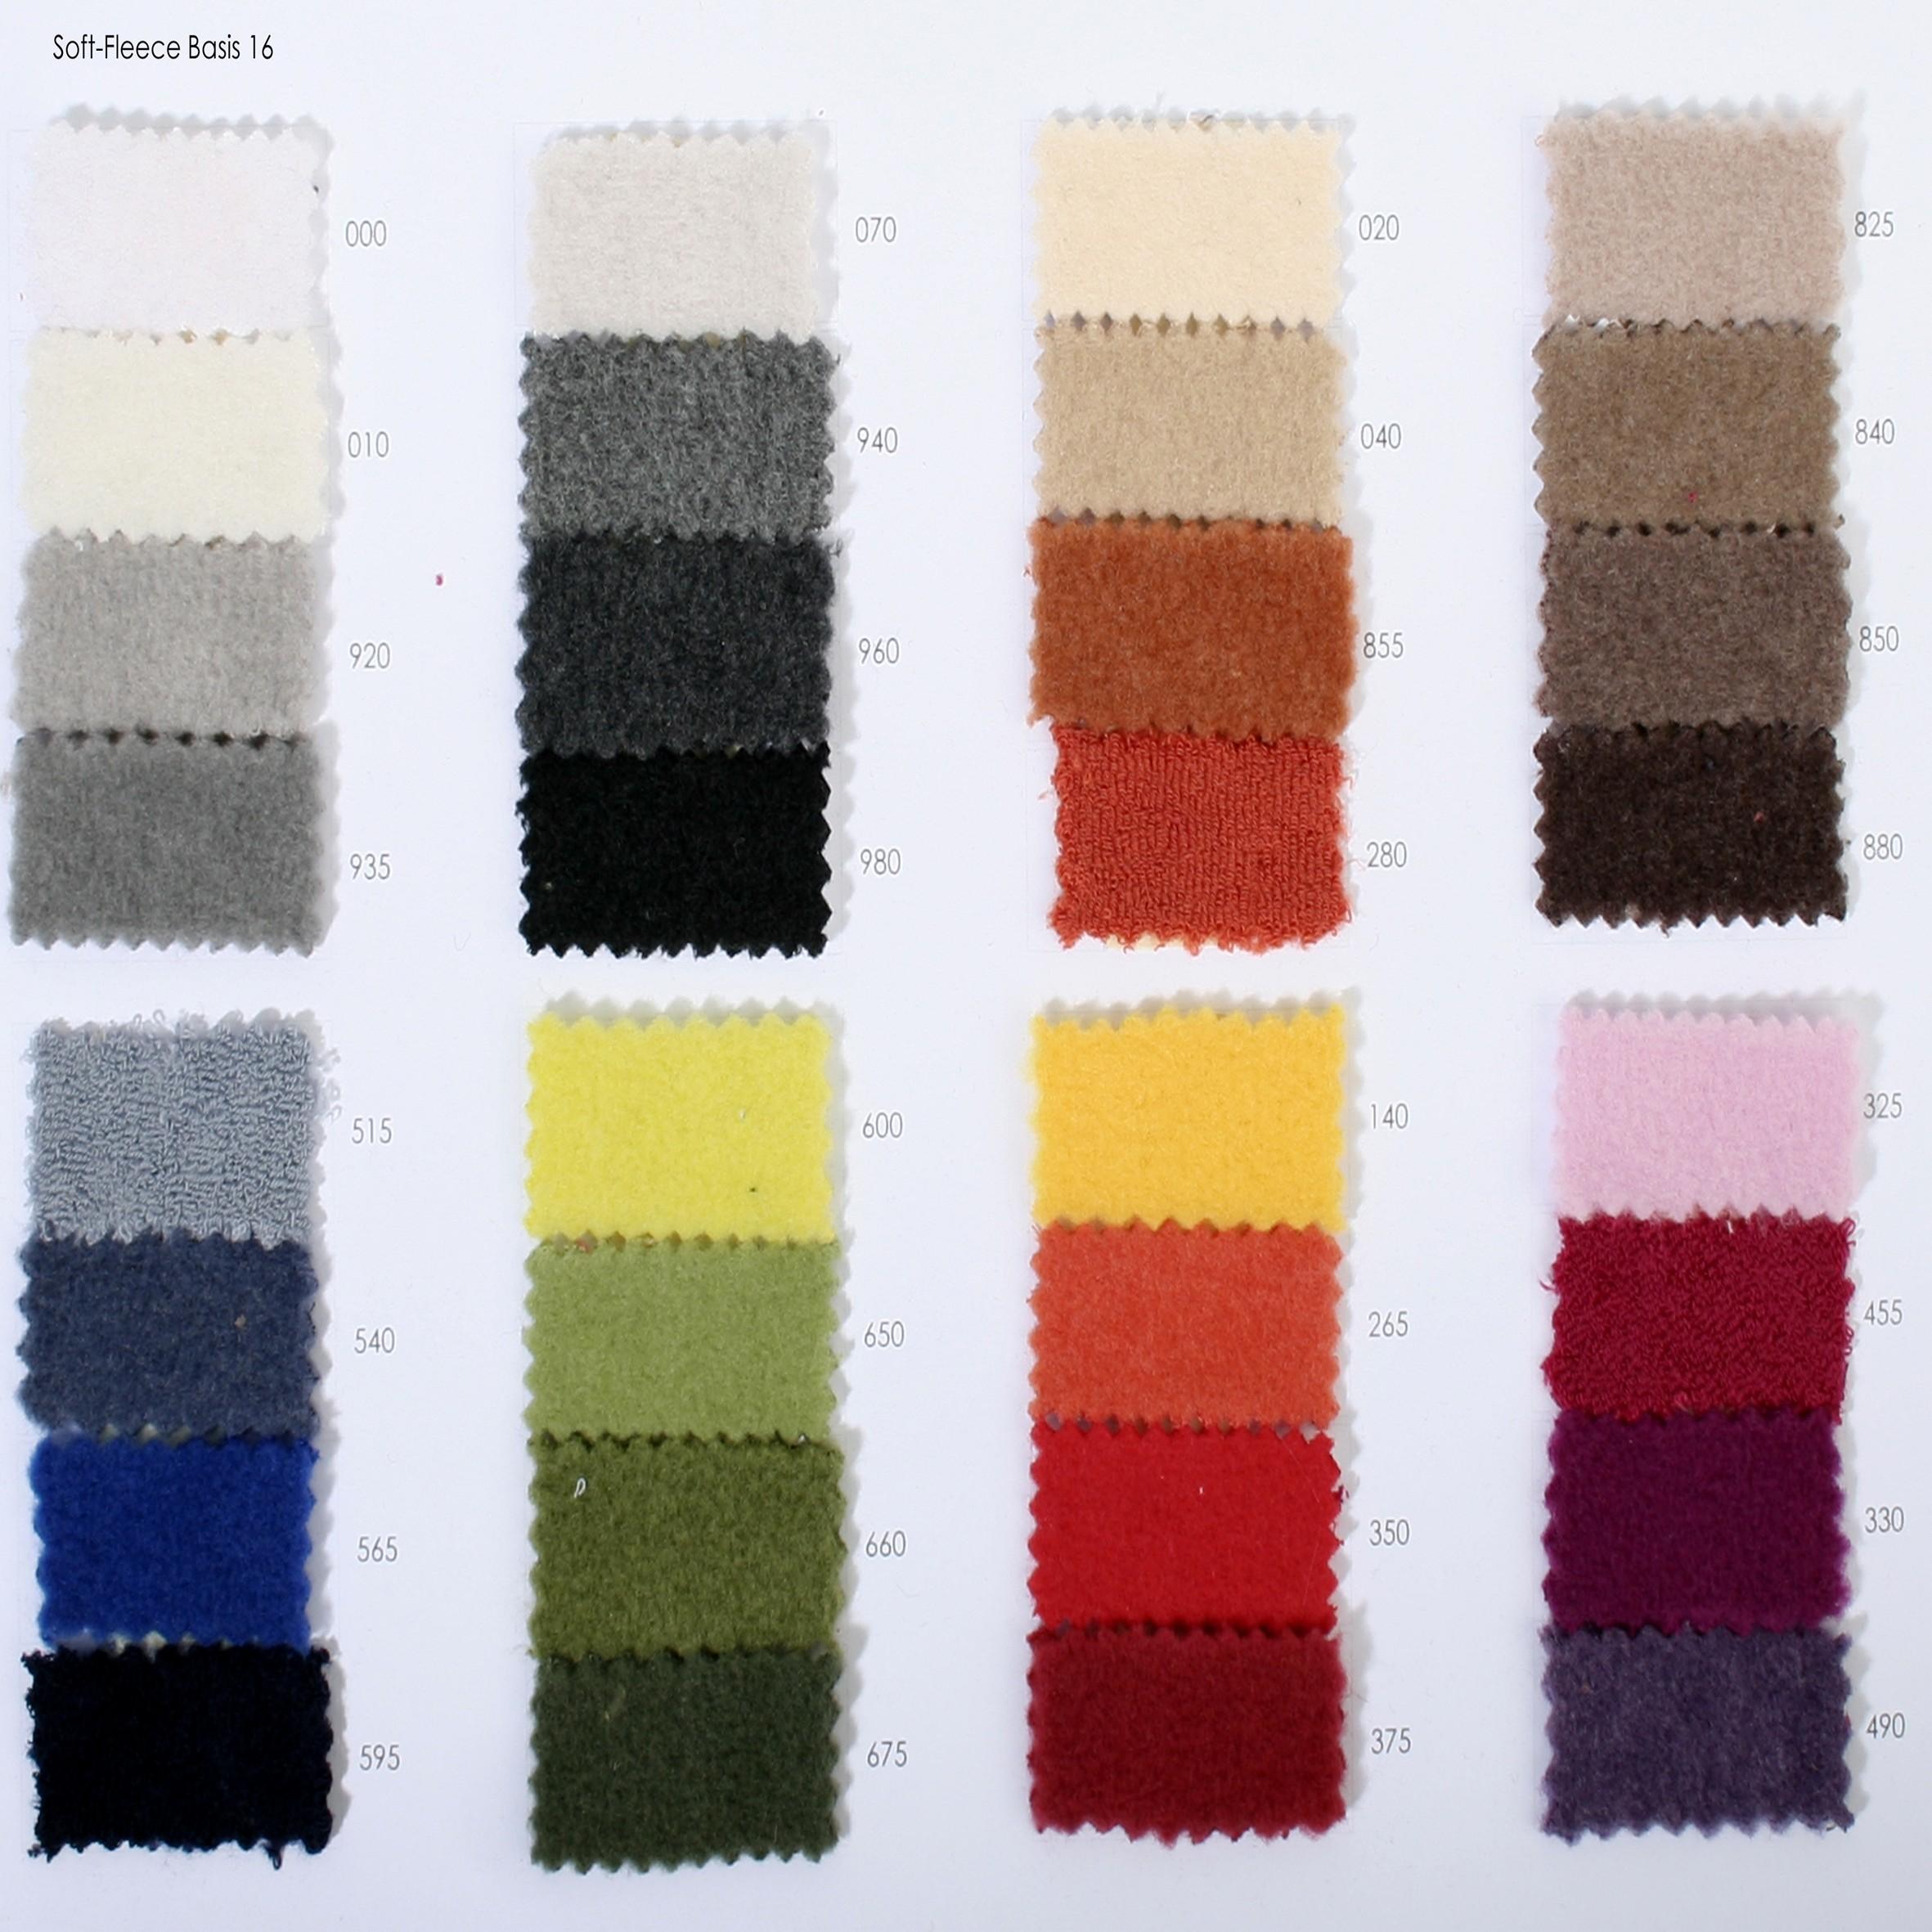 Zoeppritz Farbkarte Soft Fleece